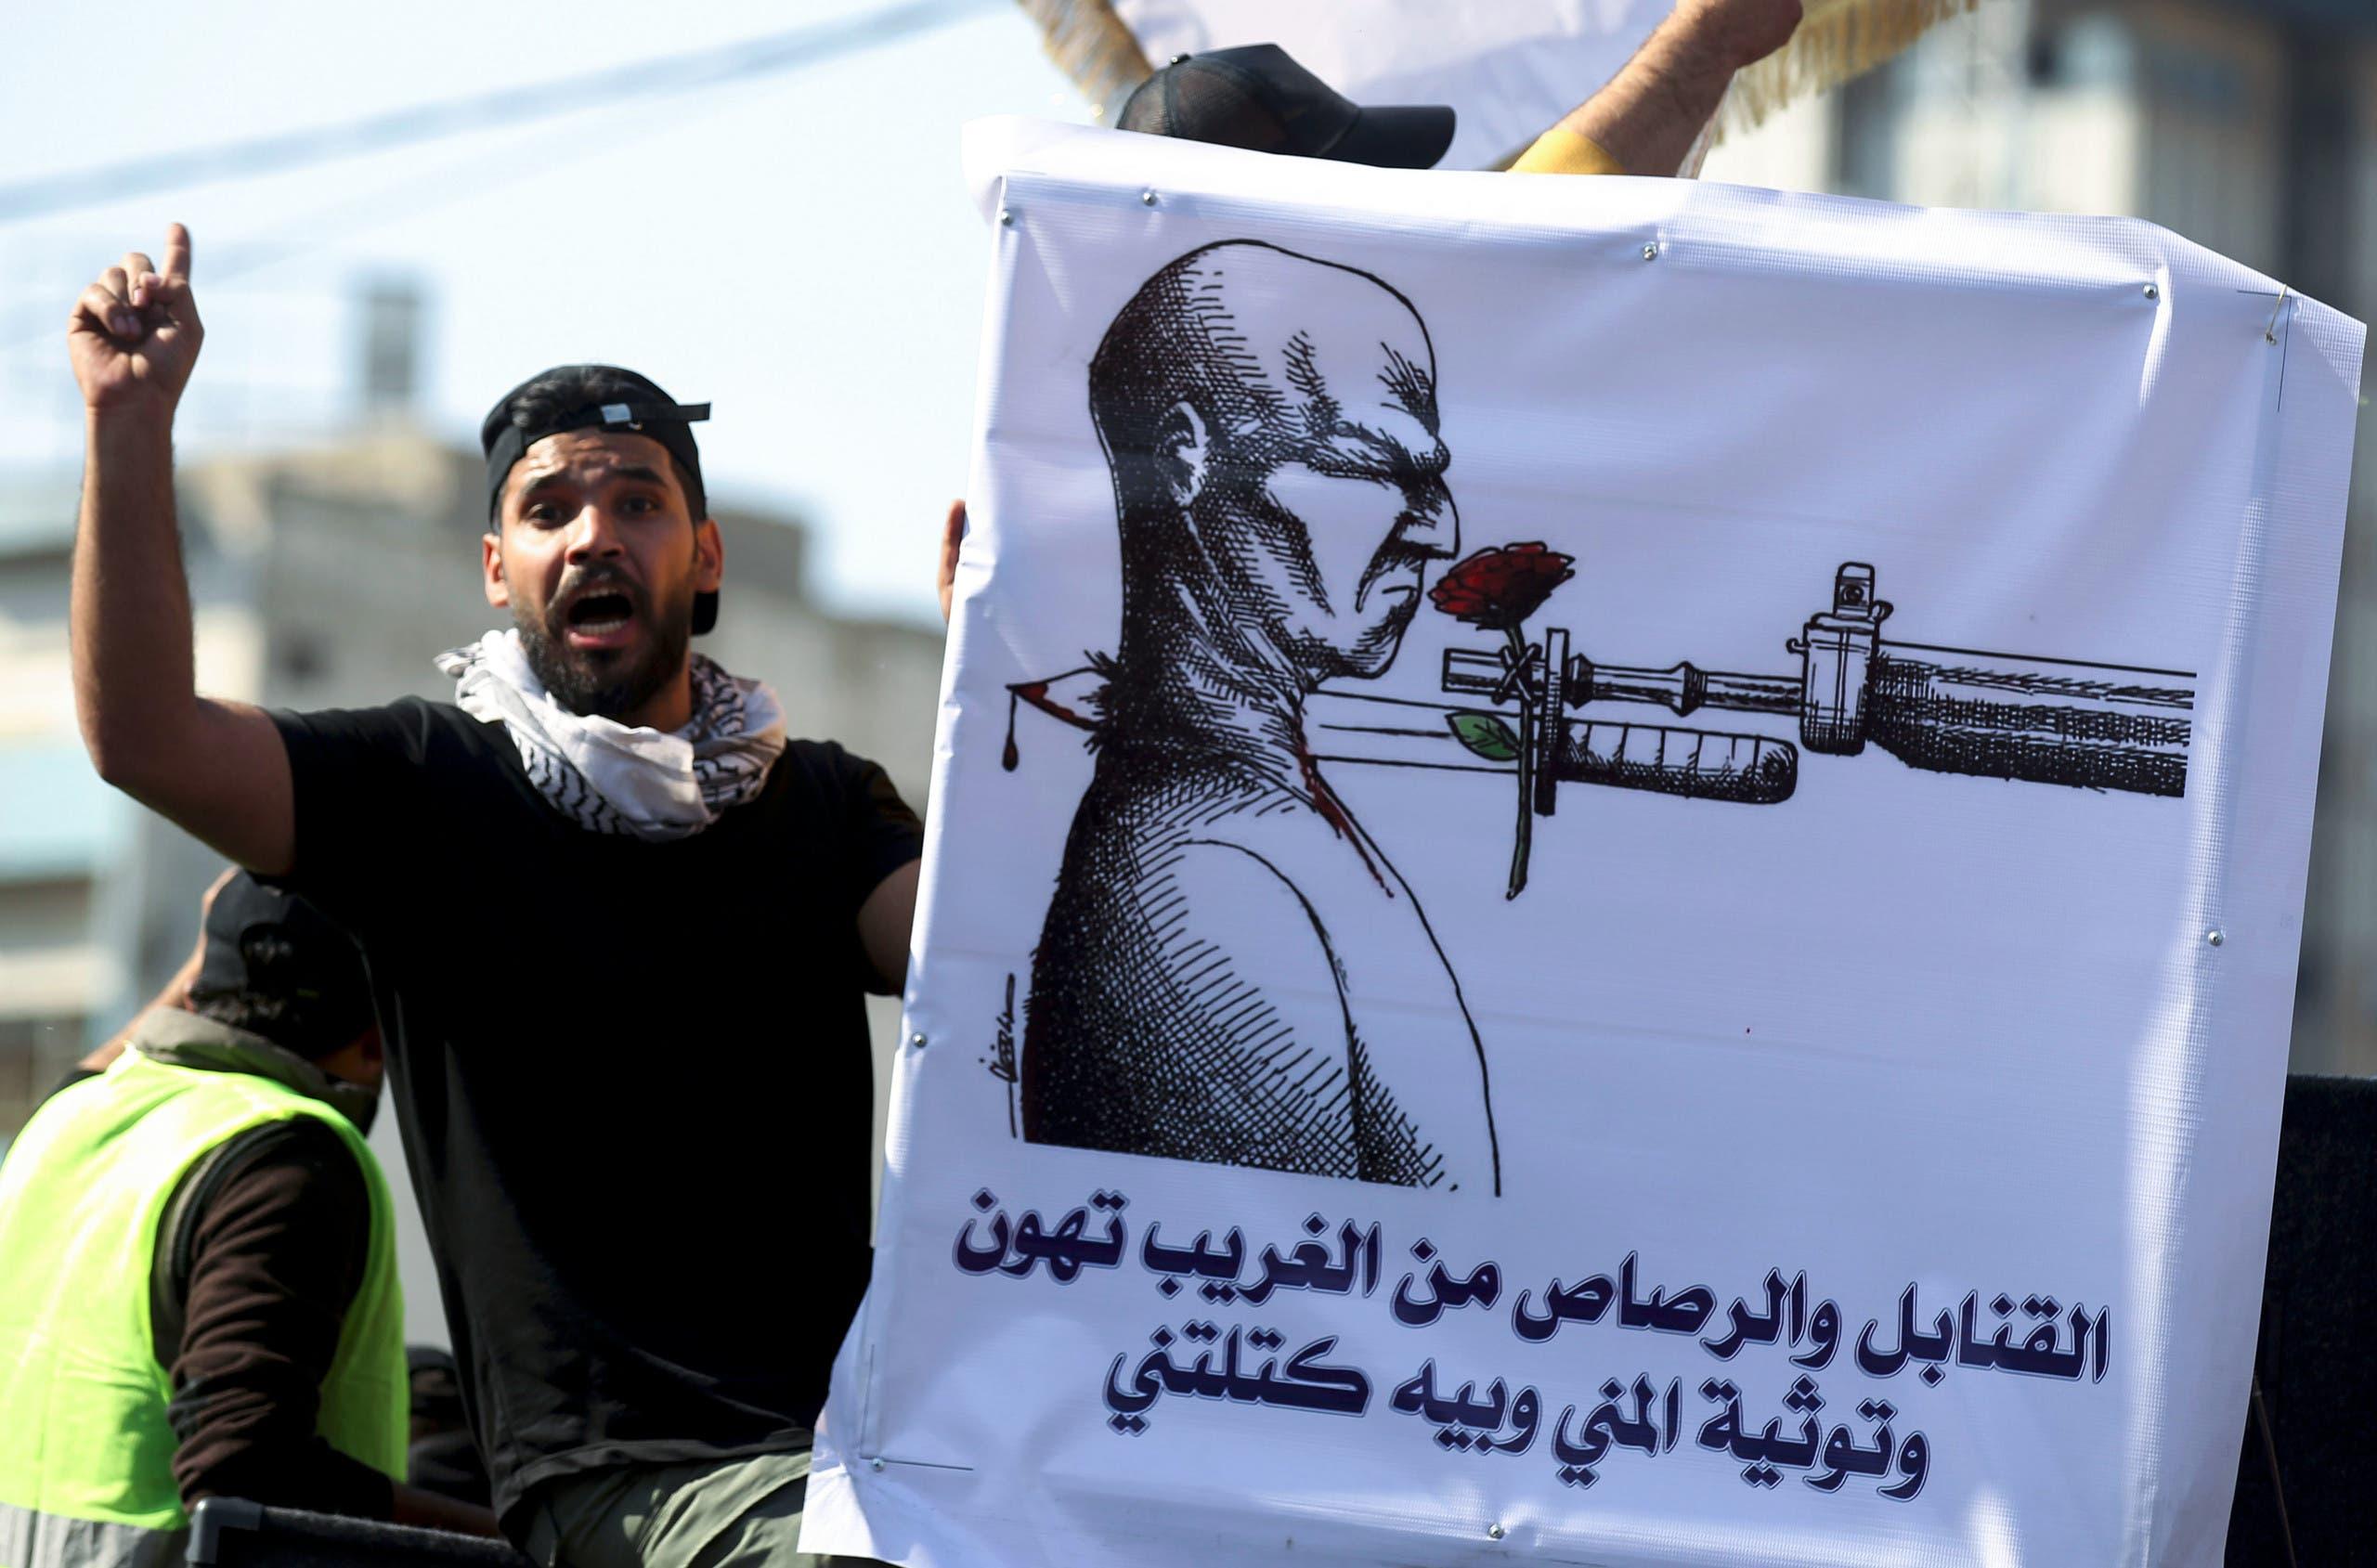 من البصرة جنوب العراق (6 فبراير 2020- فرانس برس)